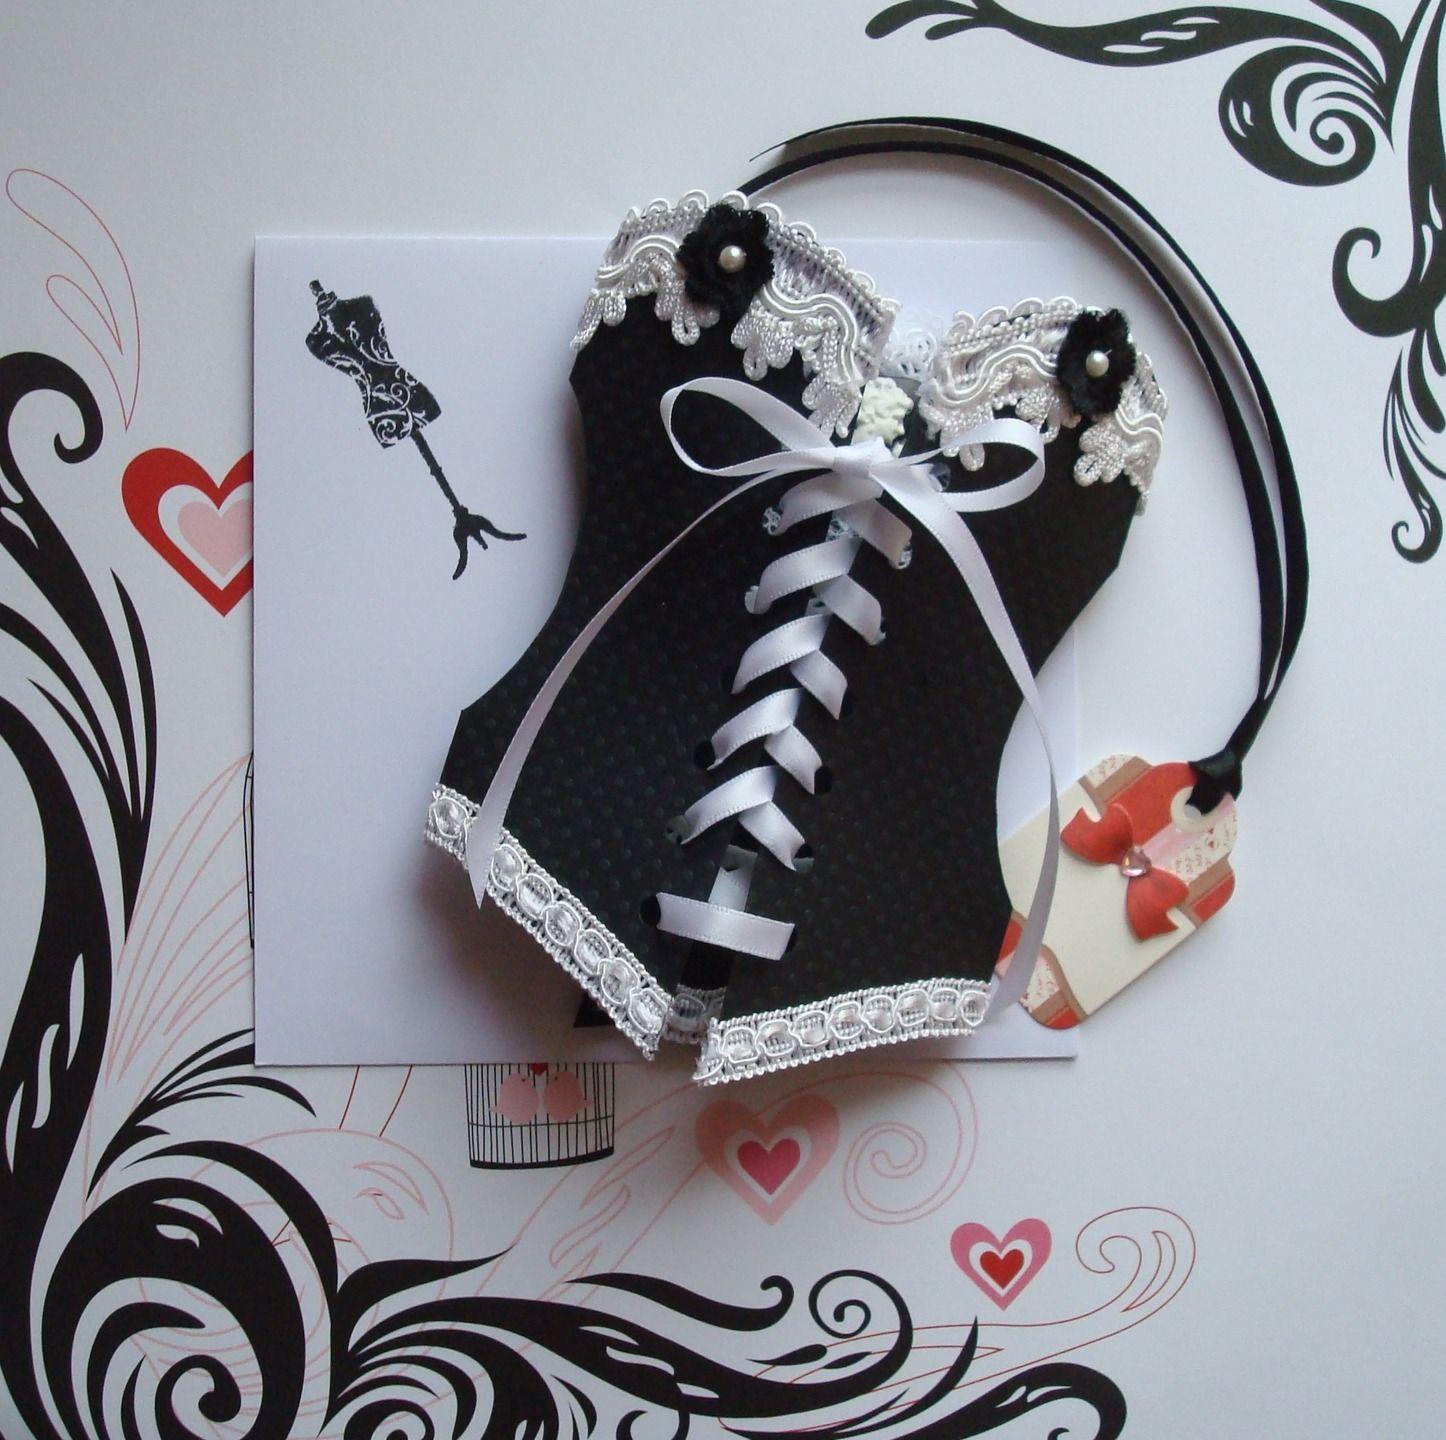 Bien connu carte grise garçon guitare 3D : Cartes par cdine08 | cartes  AS36